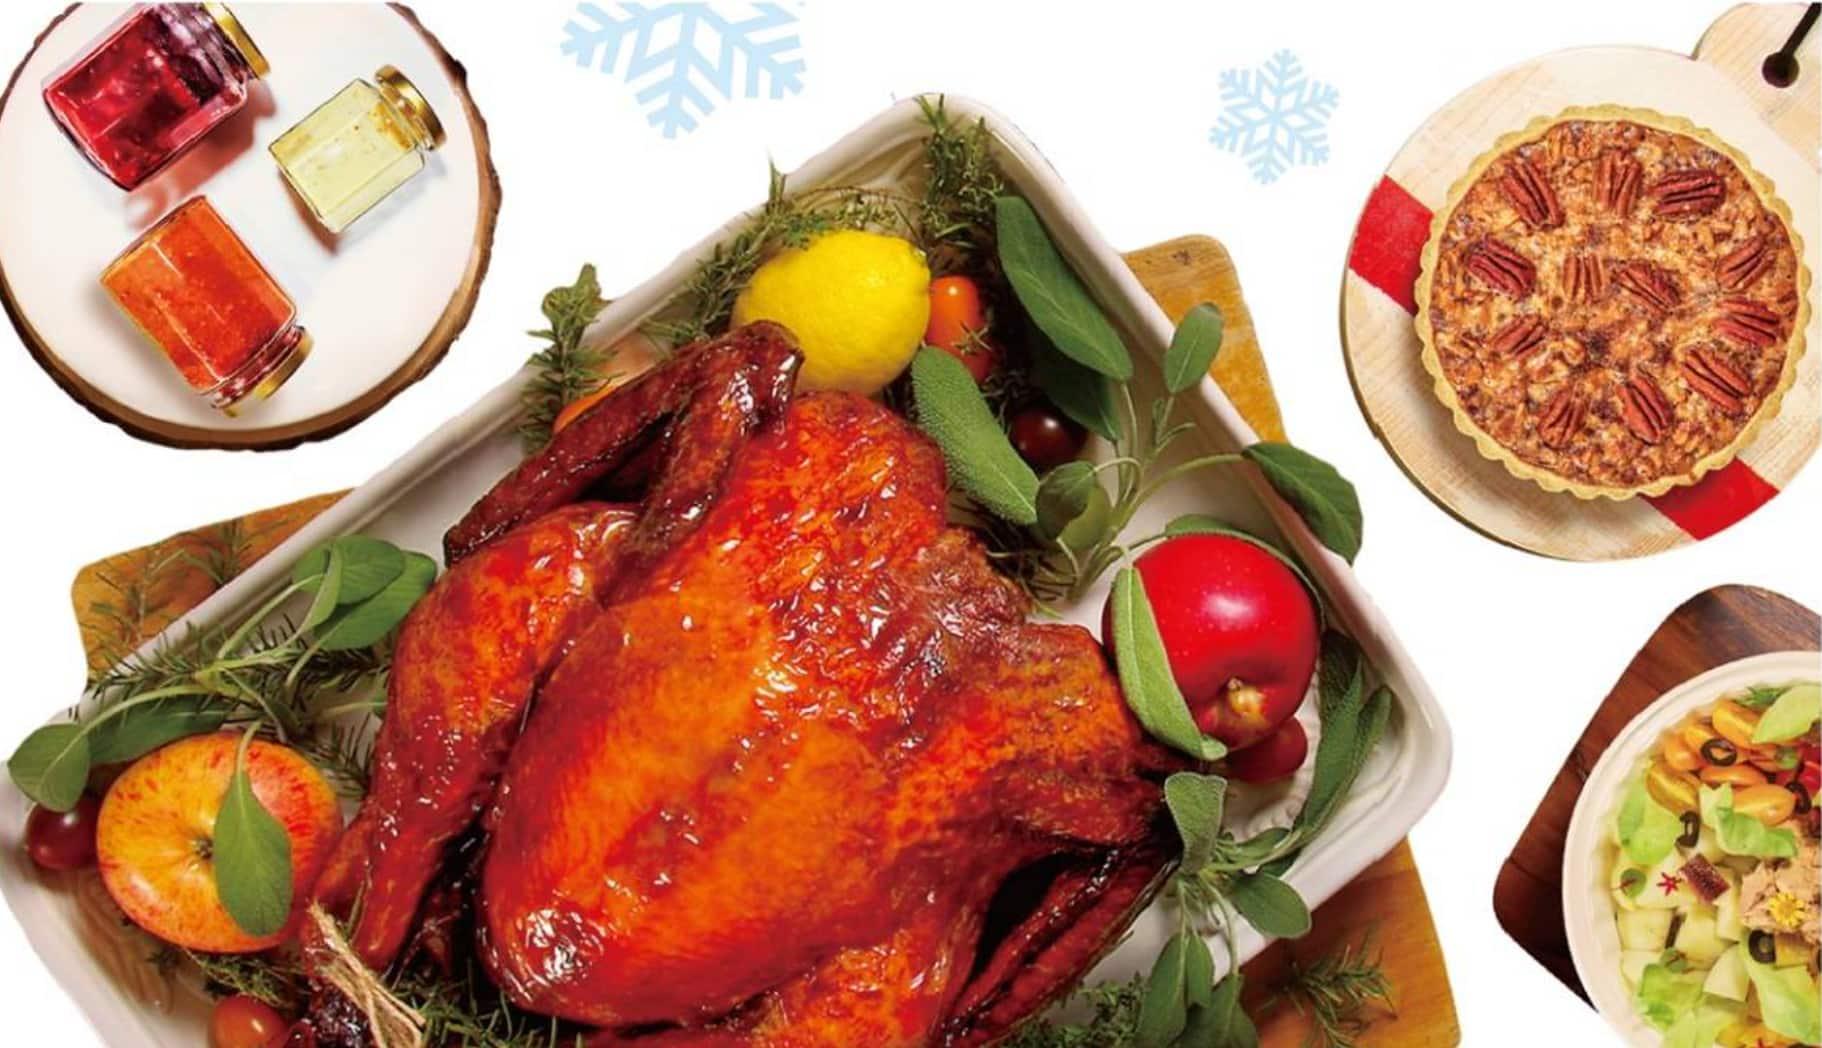 感恩節吃什麼?歐華酒店的火雞禮籃囉!